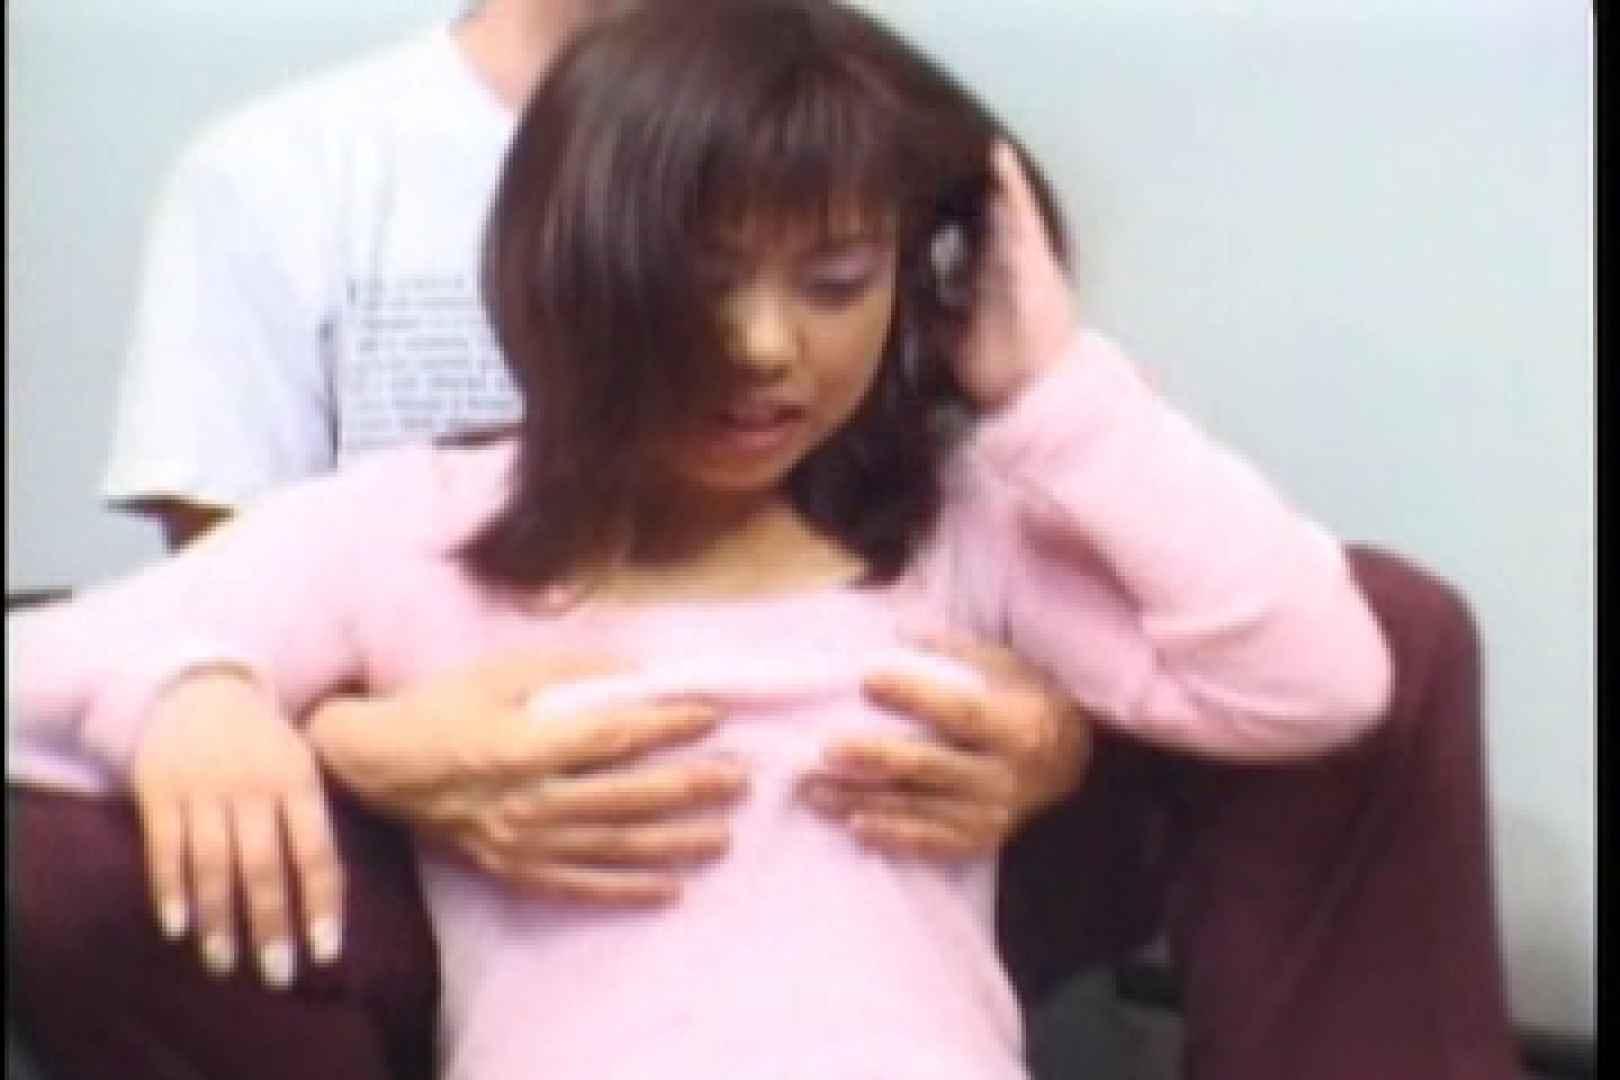 素人嬢126人のハメ撮り 山下まい 素人流出動画 | メーカー直接買い取り  85枚 52